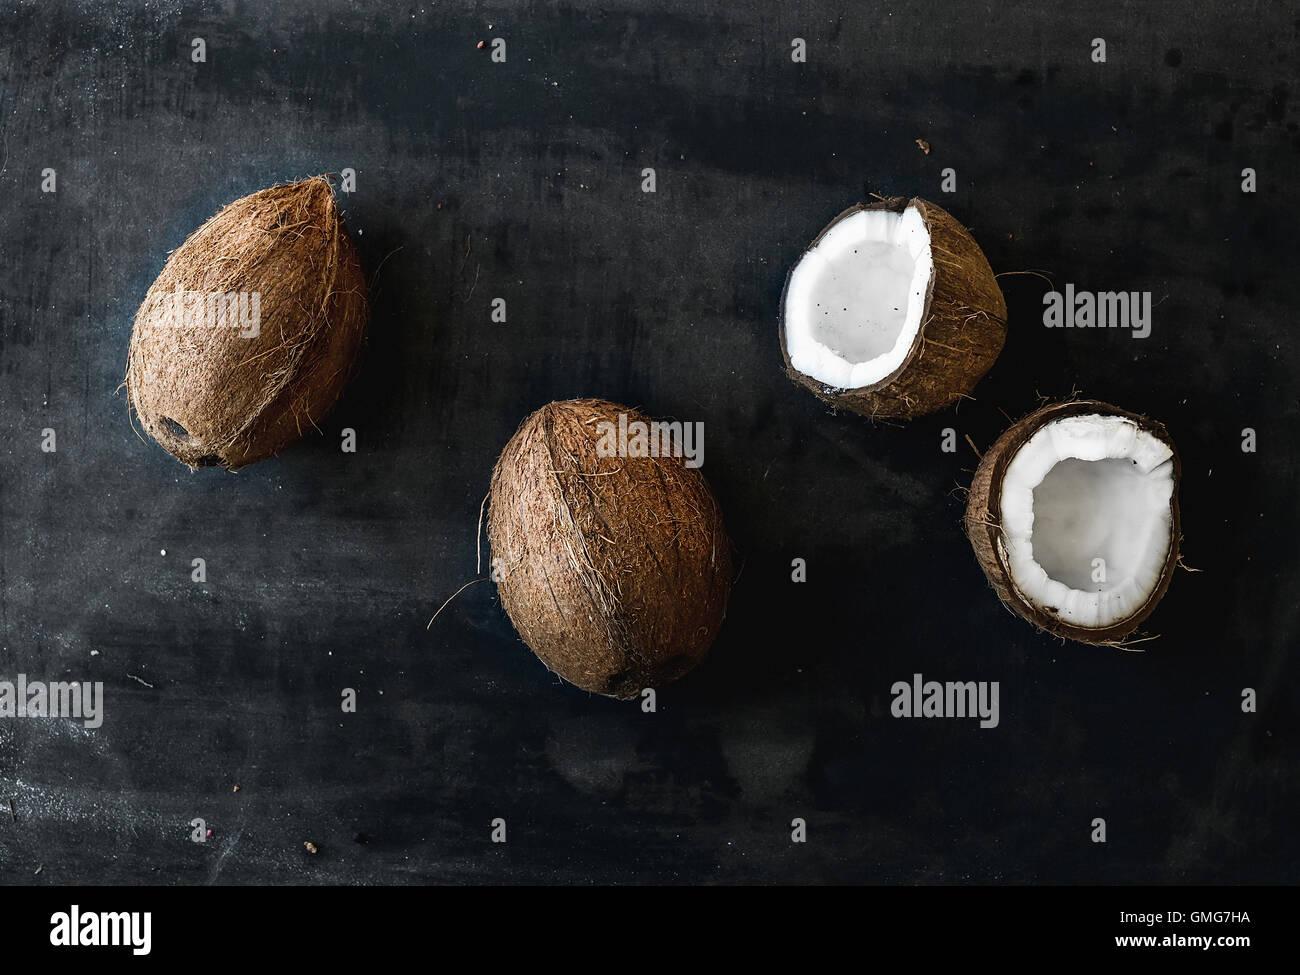 Todo roto y cocos más oscuro fondo grunge Imagen De Stock